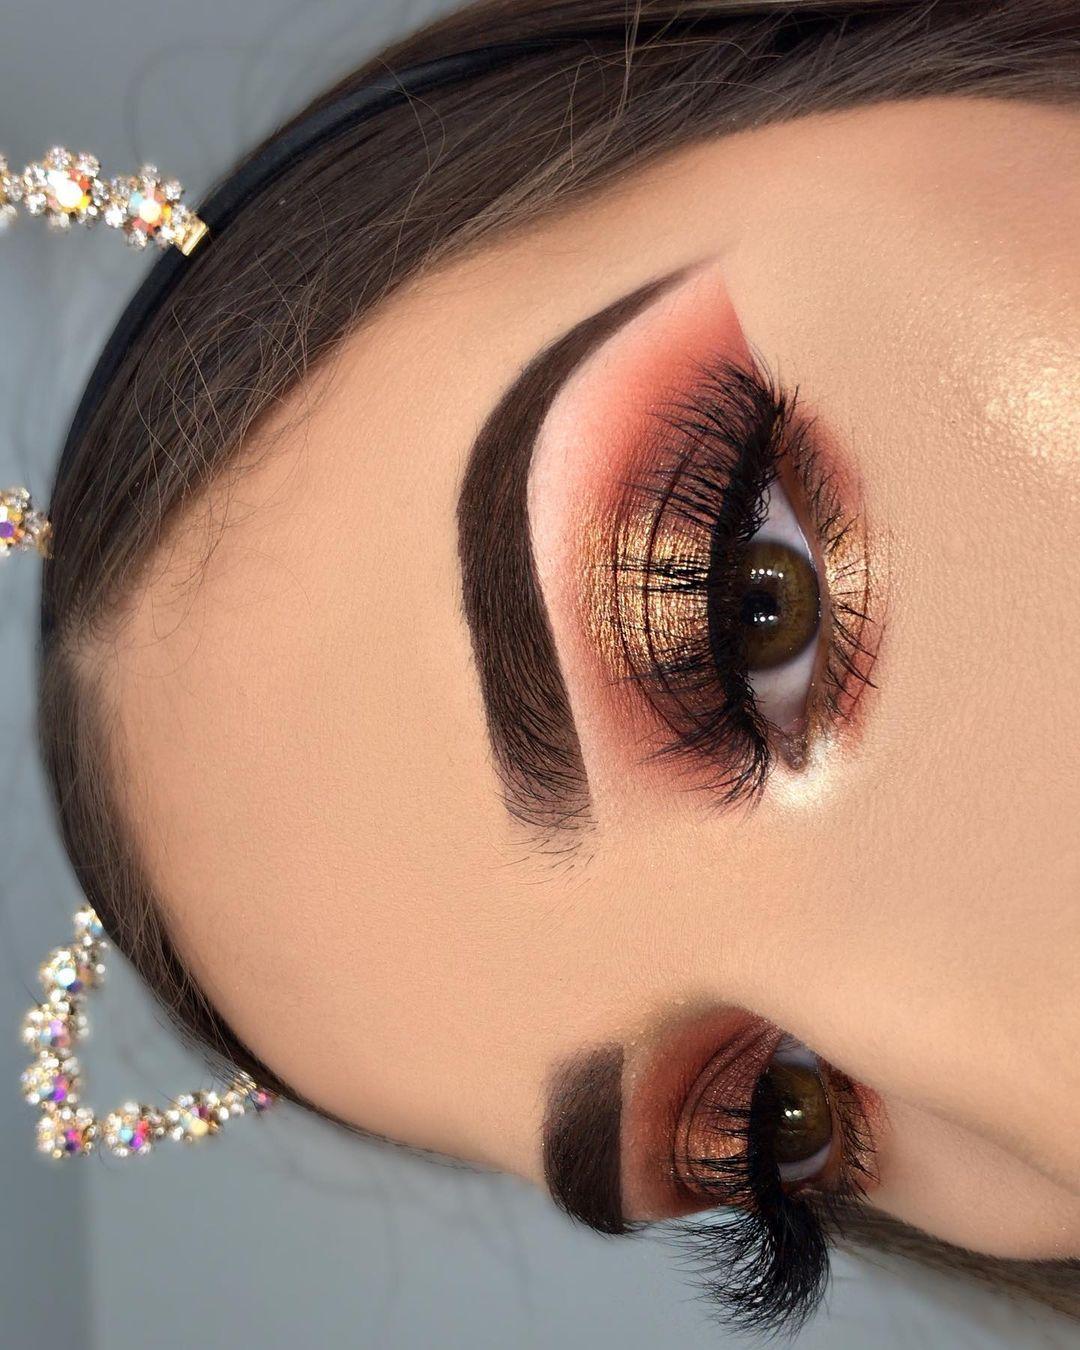 """𝐀𝐜𝐞𝐥𝐚 𝐌𝐚𝐜𝐤𝐞𝐧𝐬𝐢 𝐆𝐨𝐧𝐳𝐚𝐥𝐞𝐳⚡️ on Instagram: """"Maquillaje de graduación de día ✨🎉 . . . Productos:. •Cejas/Brows: @anastasiabeverlyhills medium brown pomade and clear brow gel.…"""""""